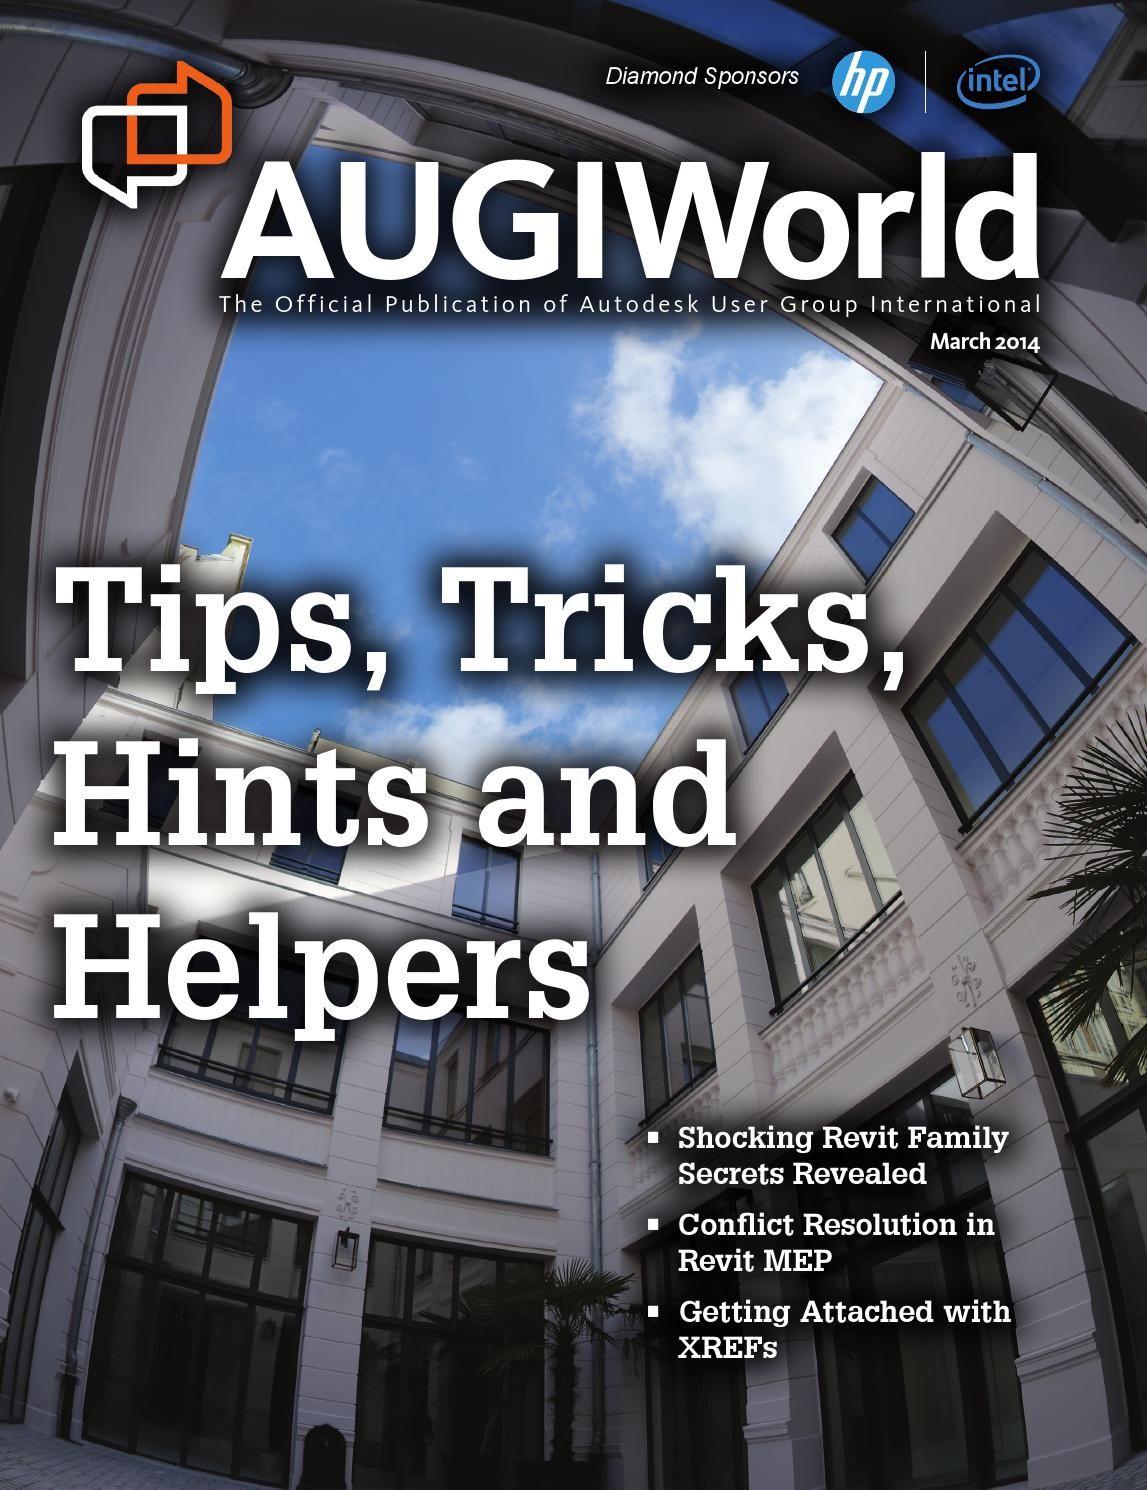 Augiworld